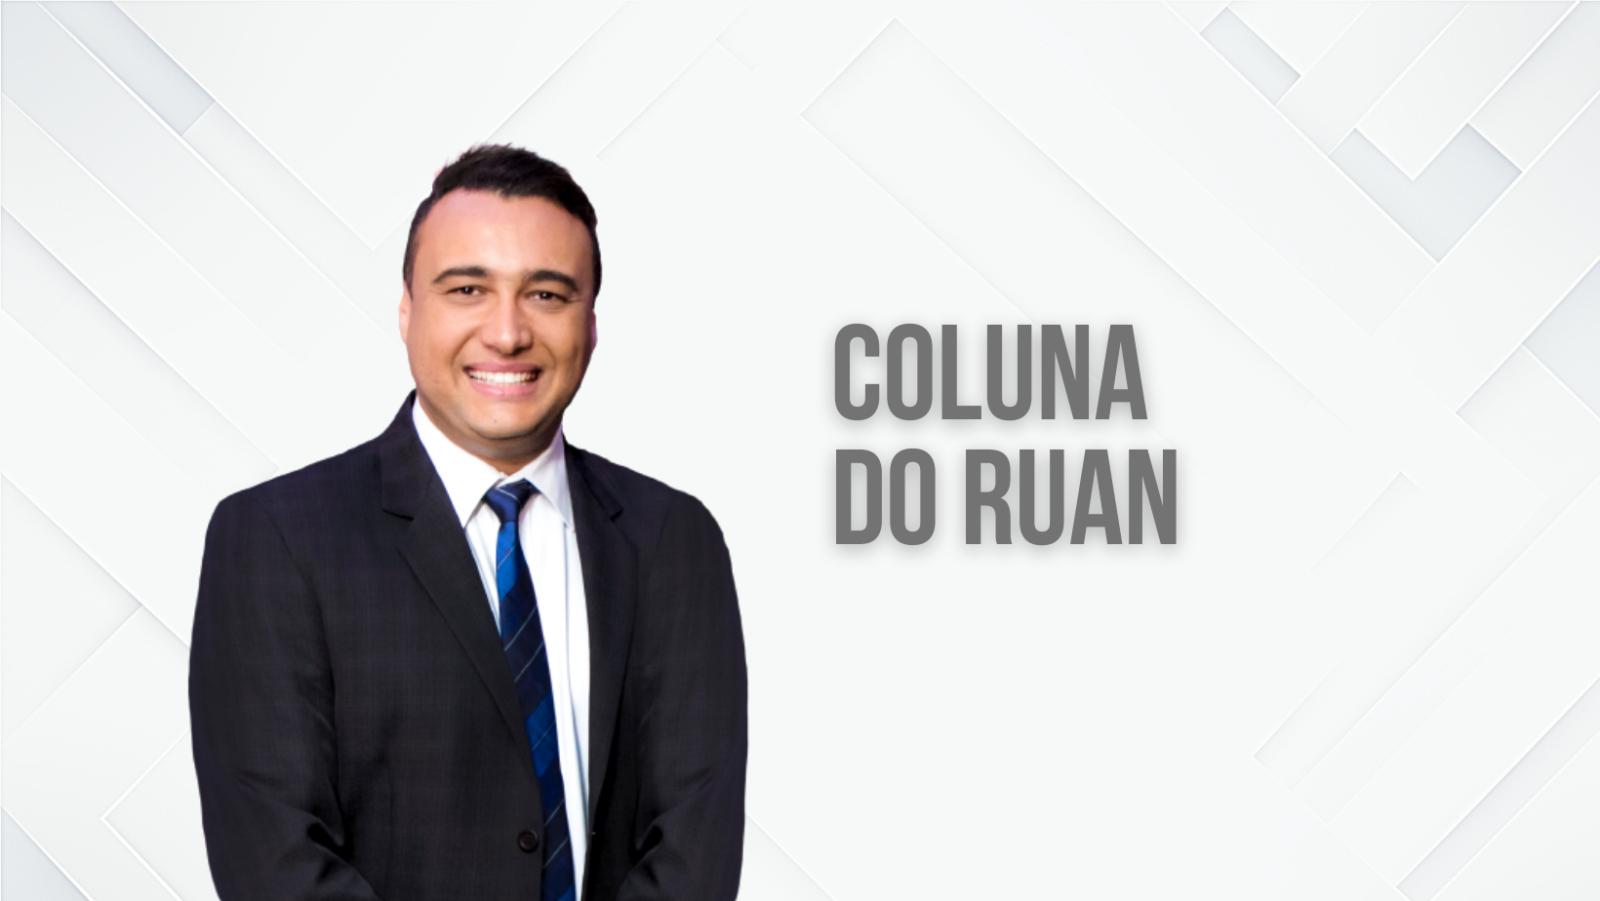 Editorial Ruan Carlos: Influenciado ou Manipulado?